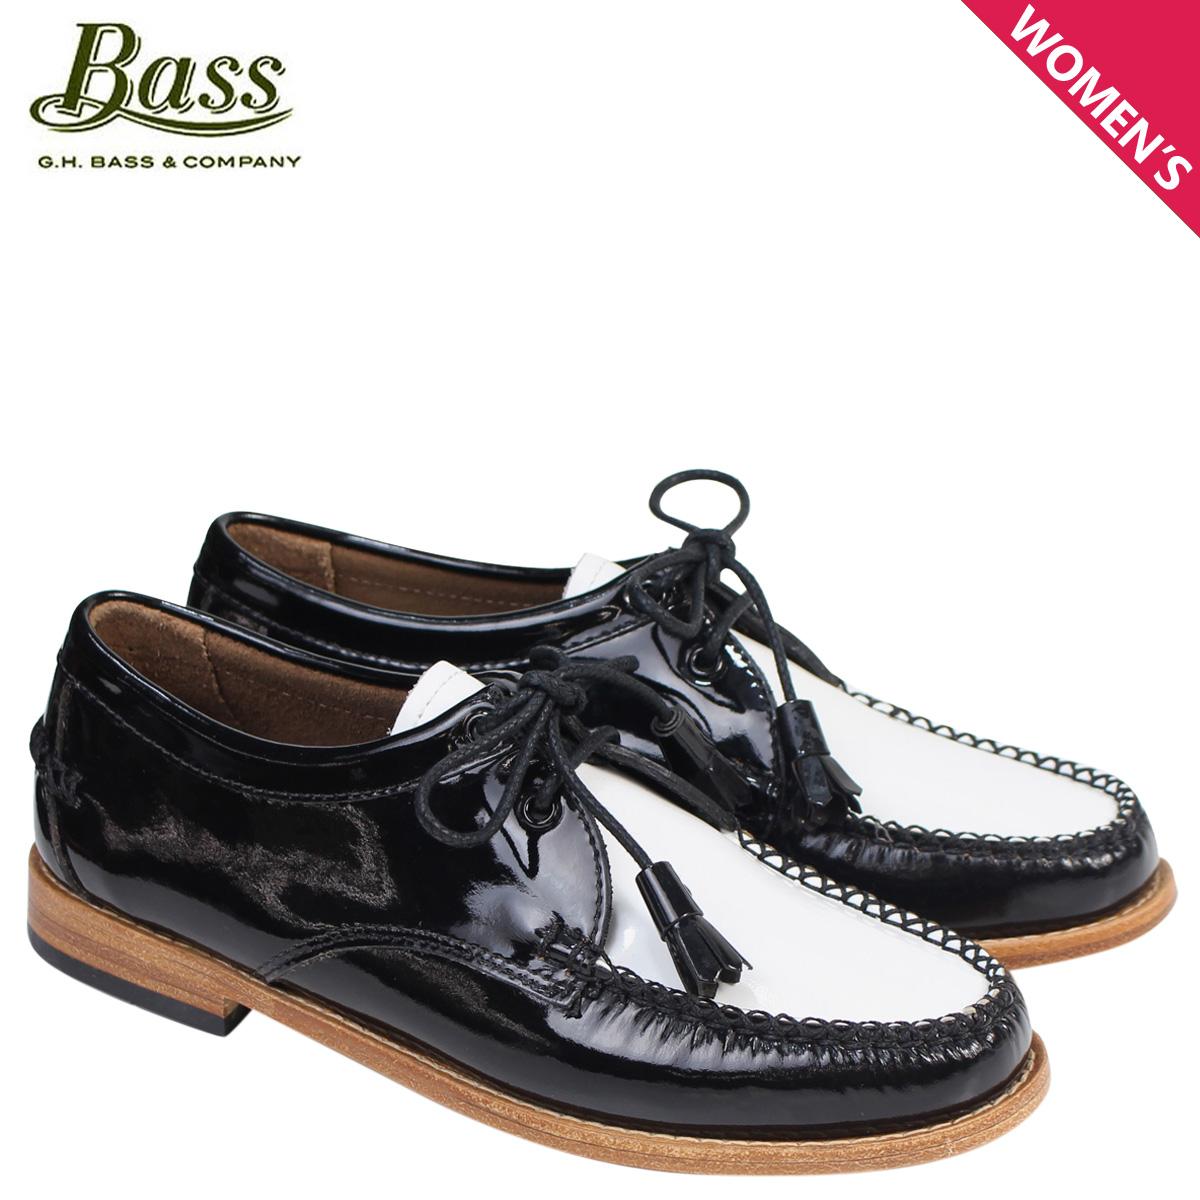 新品?正規品  G.H. BASS TIE ローファー ジーエイチバス レディース タッセル WINNIE ホワイト TIE WEEJUNS BASS 71-22465 靴 ブラック ホワイト, オーセル:f4c87746 --- konecti.dominiotemporario.com